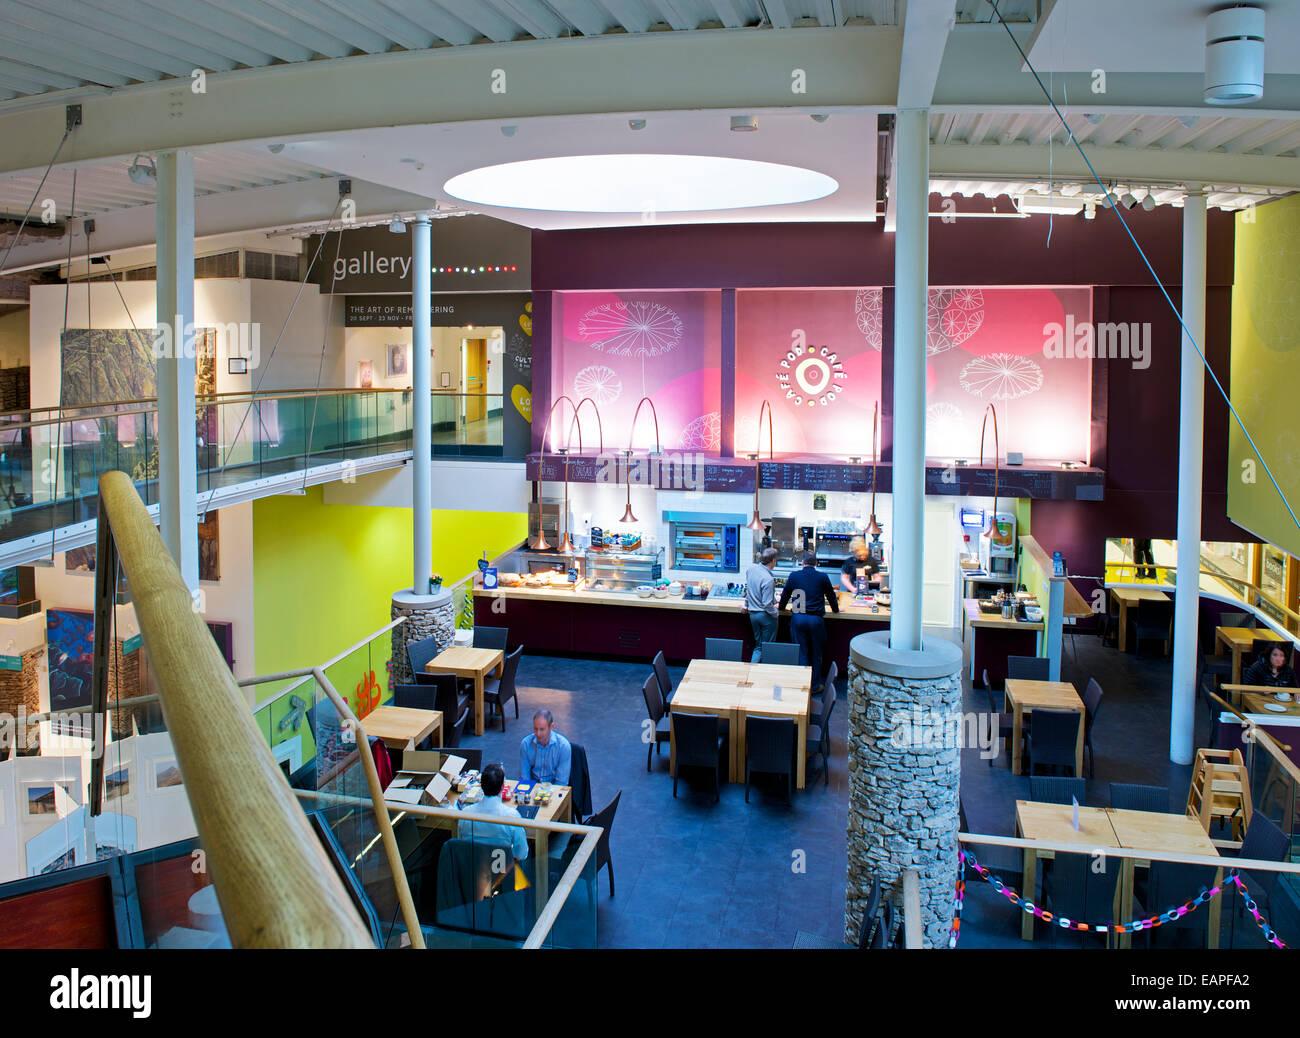 Cafe in corrispondenza di Rheged, Lake District attrazione, vicino a Penrith, Cumbria, Regno Unito Inghilterra Immagini Stock